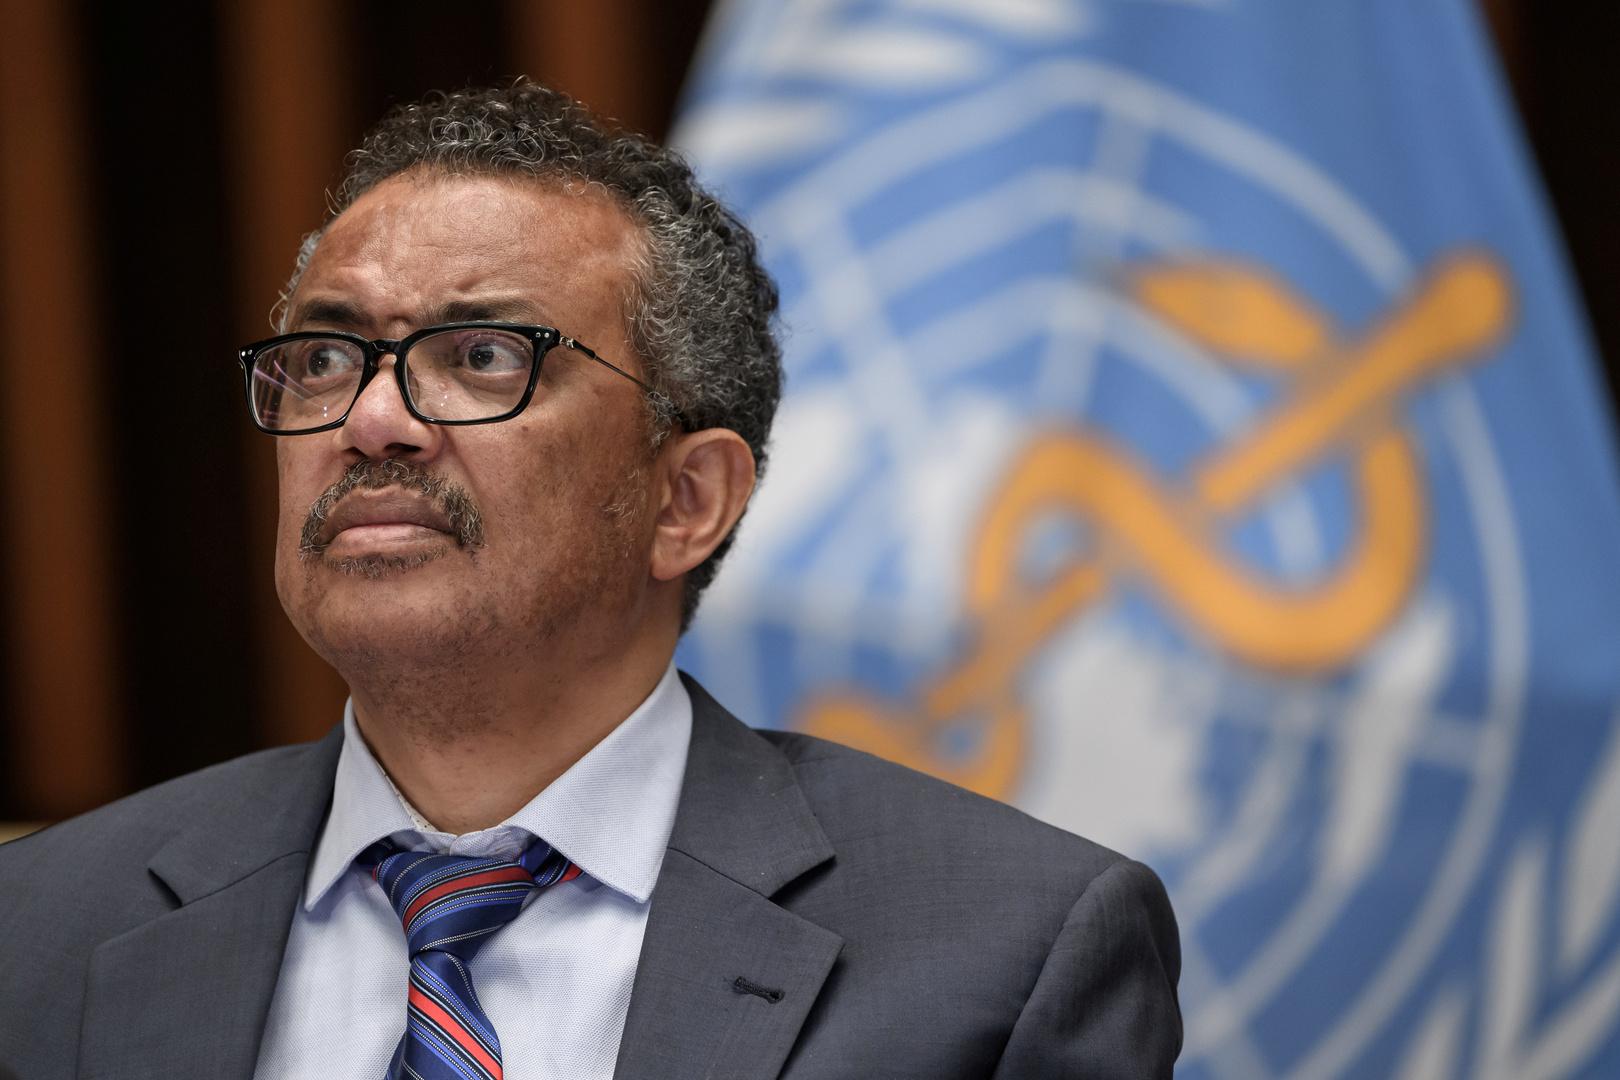 منظمة الصحة العالمية تحث الدول على زيادة إسهامها في تطوير وسائل مكافحة كورونا